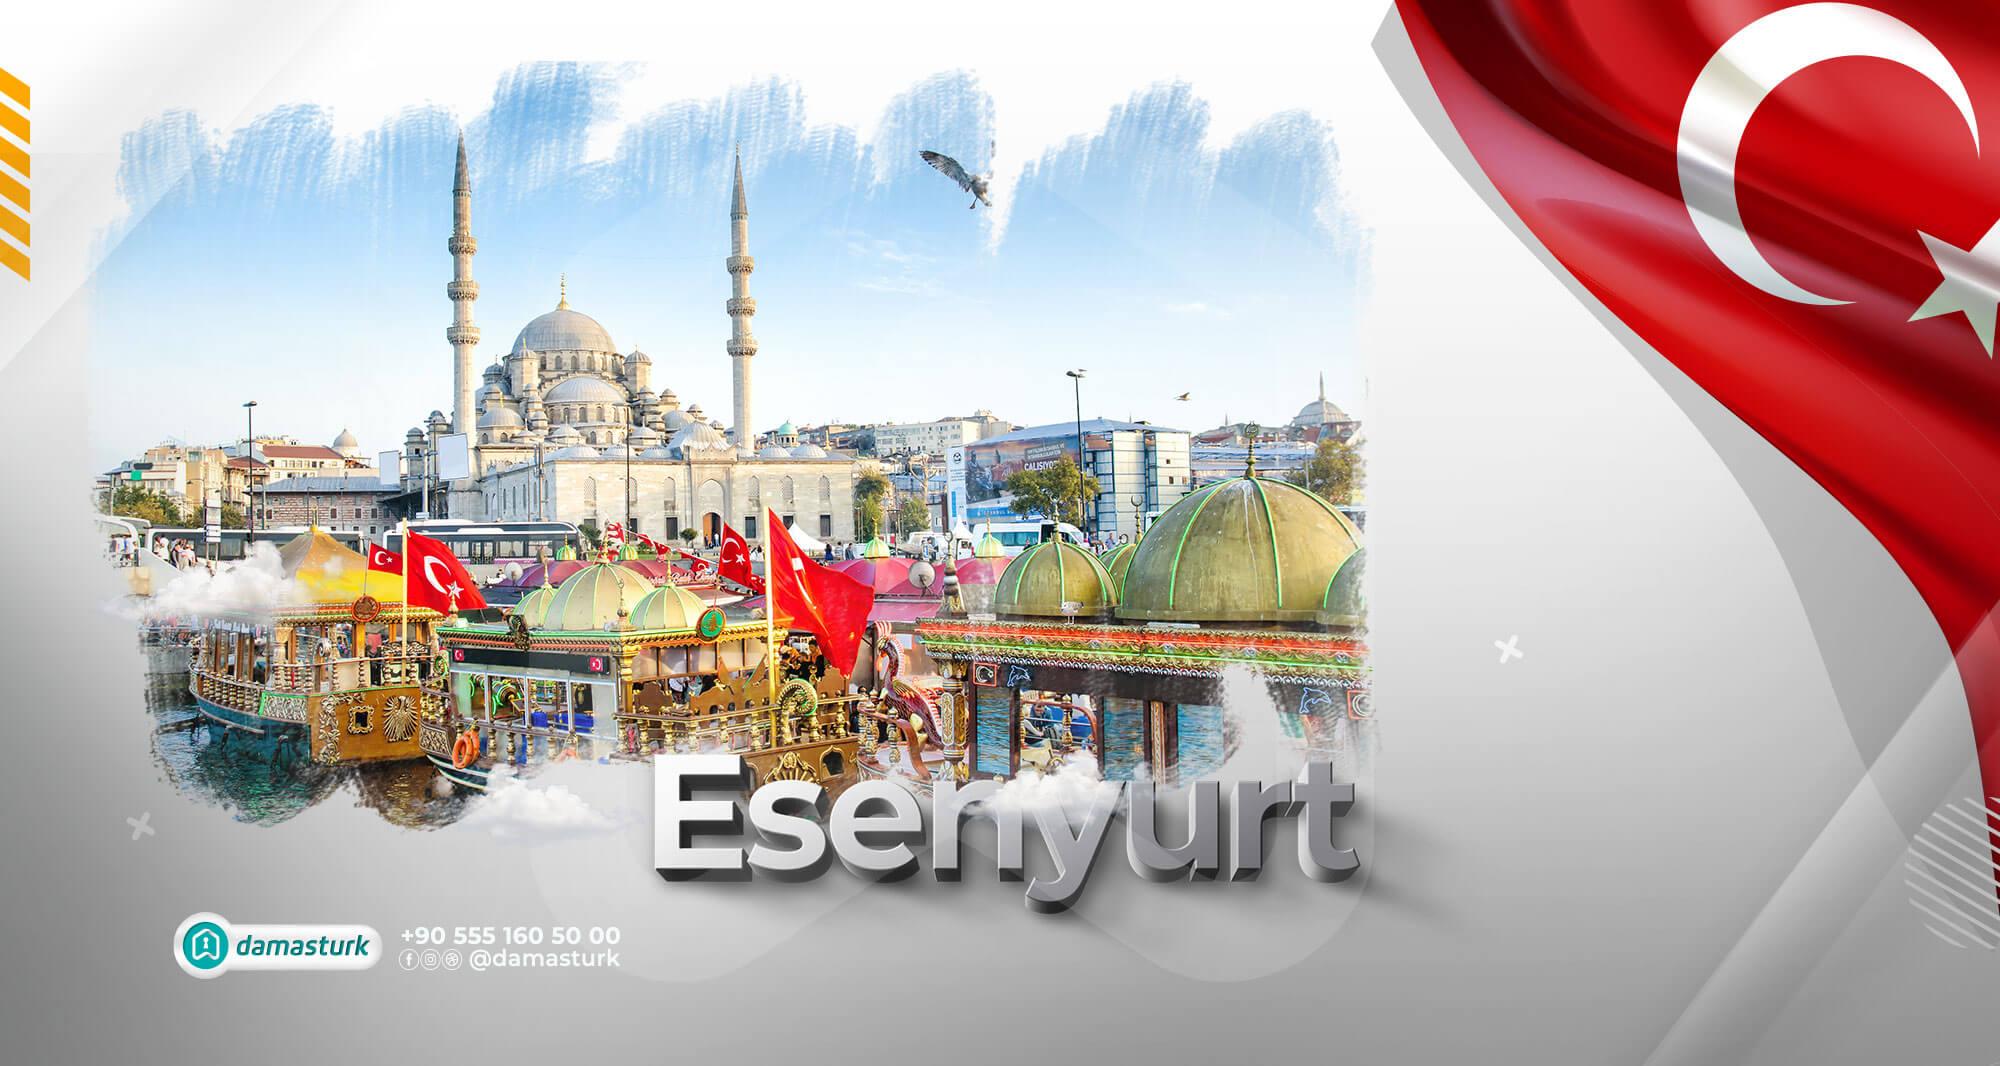 الأماكن السياحية والترفيهية في منطقة إسنيورت 2021